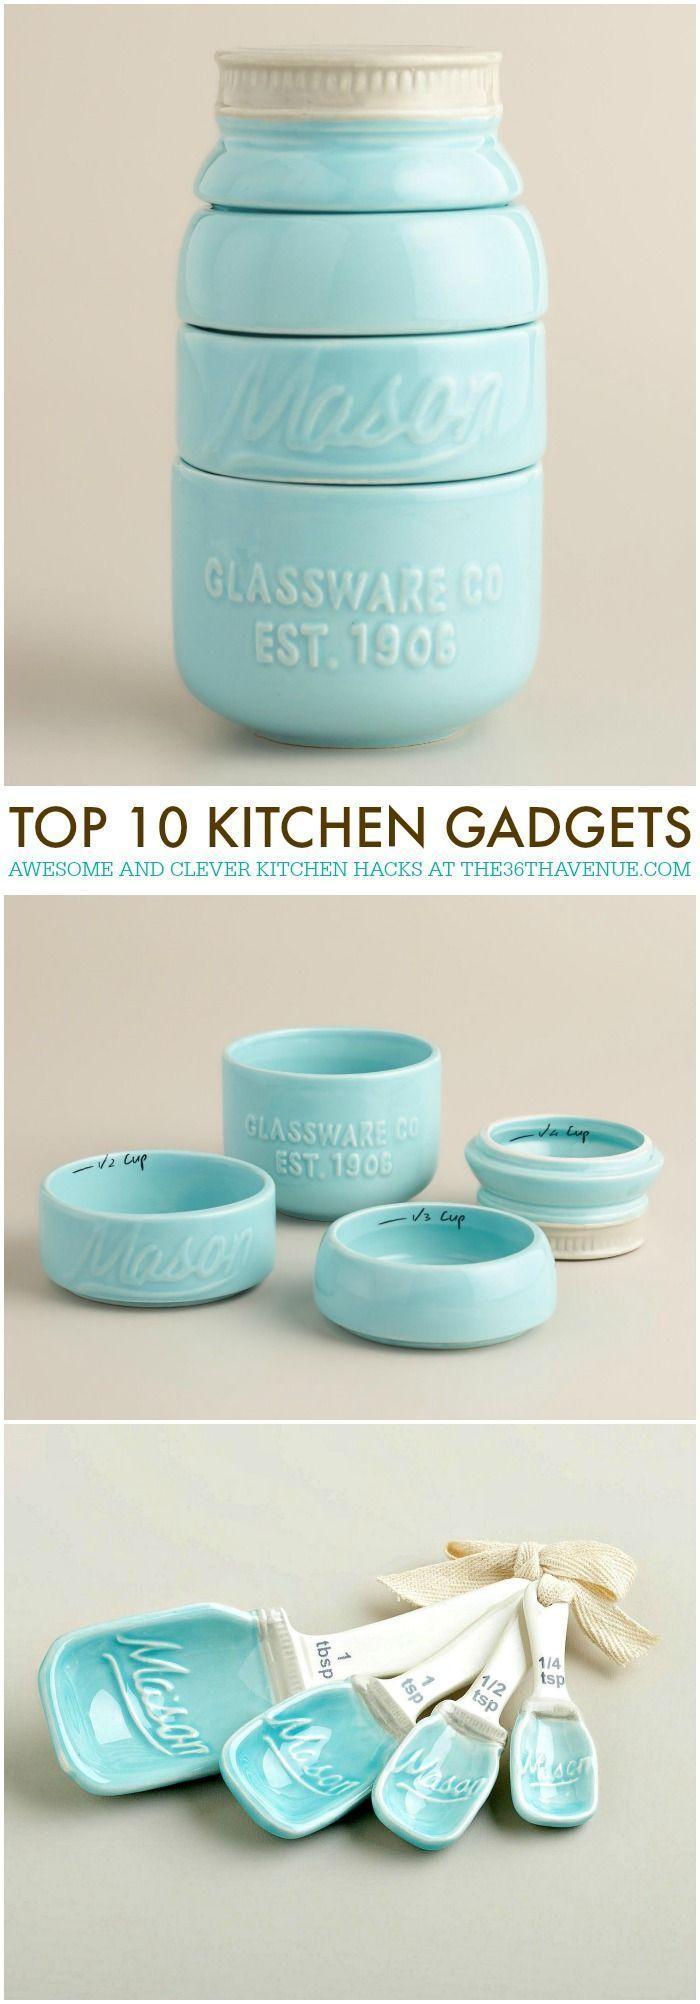 329 best Cookie Jars images on Pinterest | Vintage cookies, Antique ...